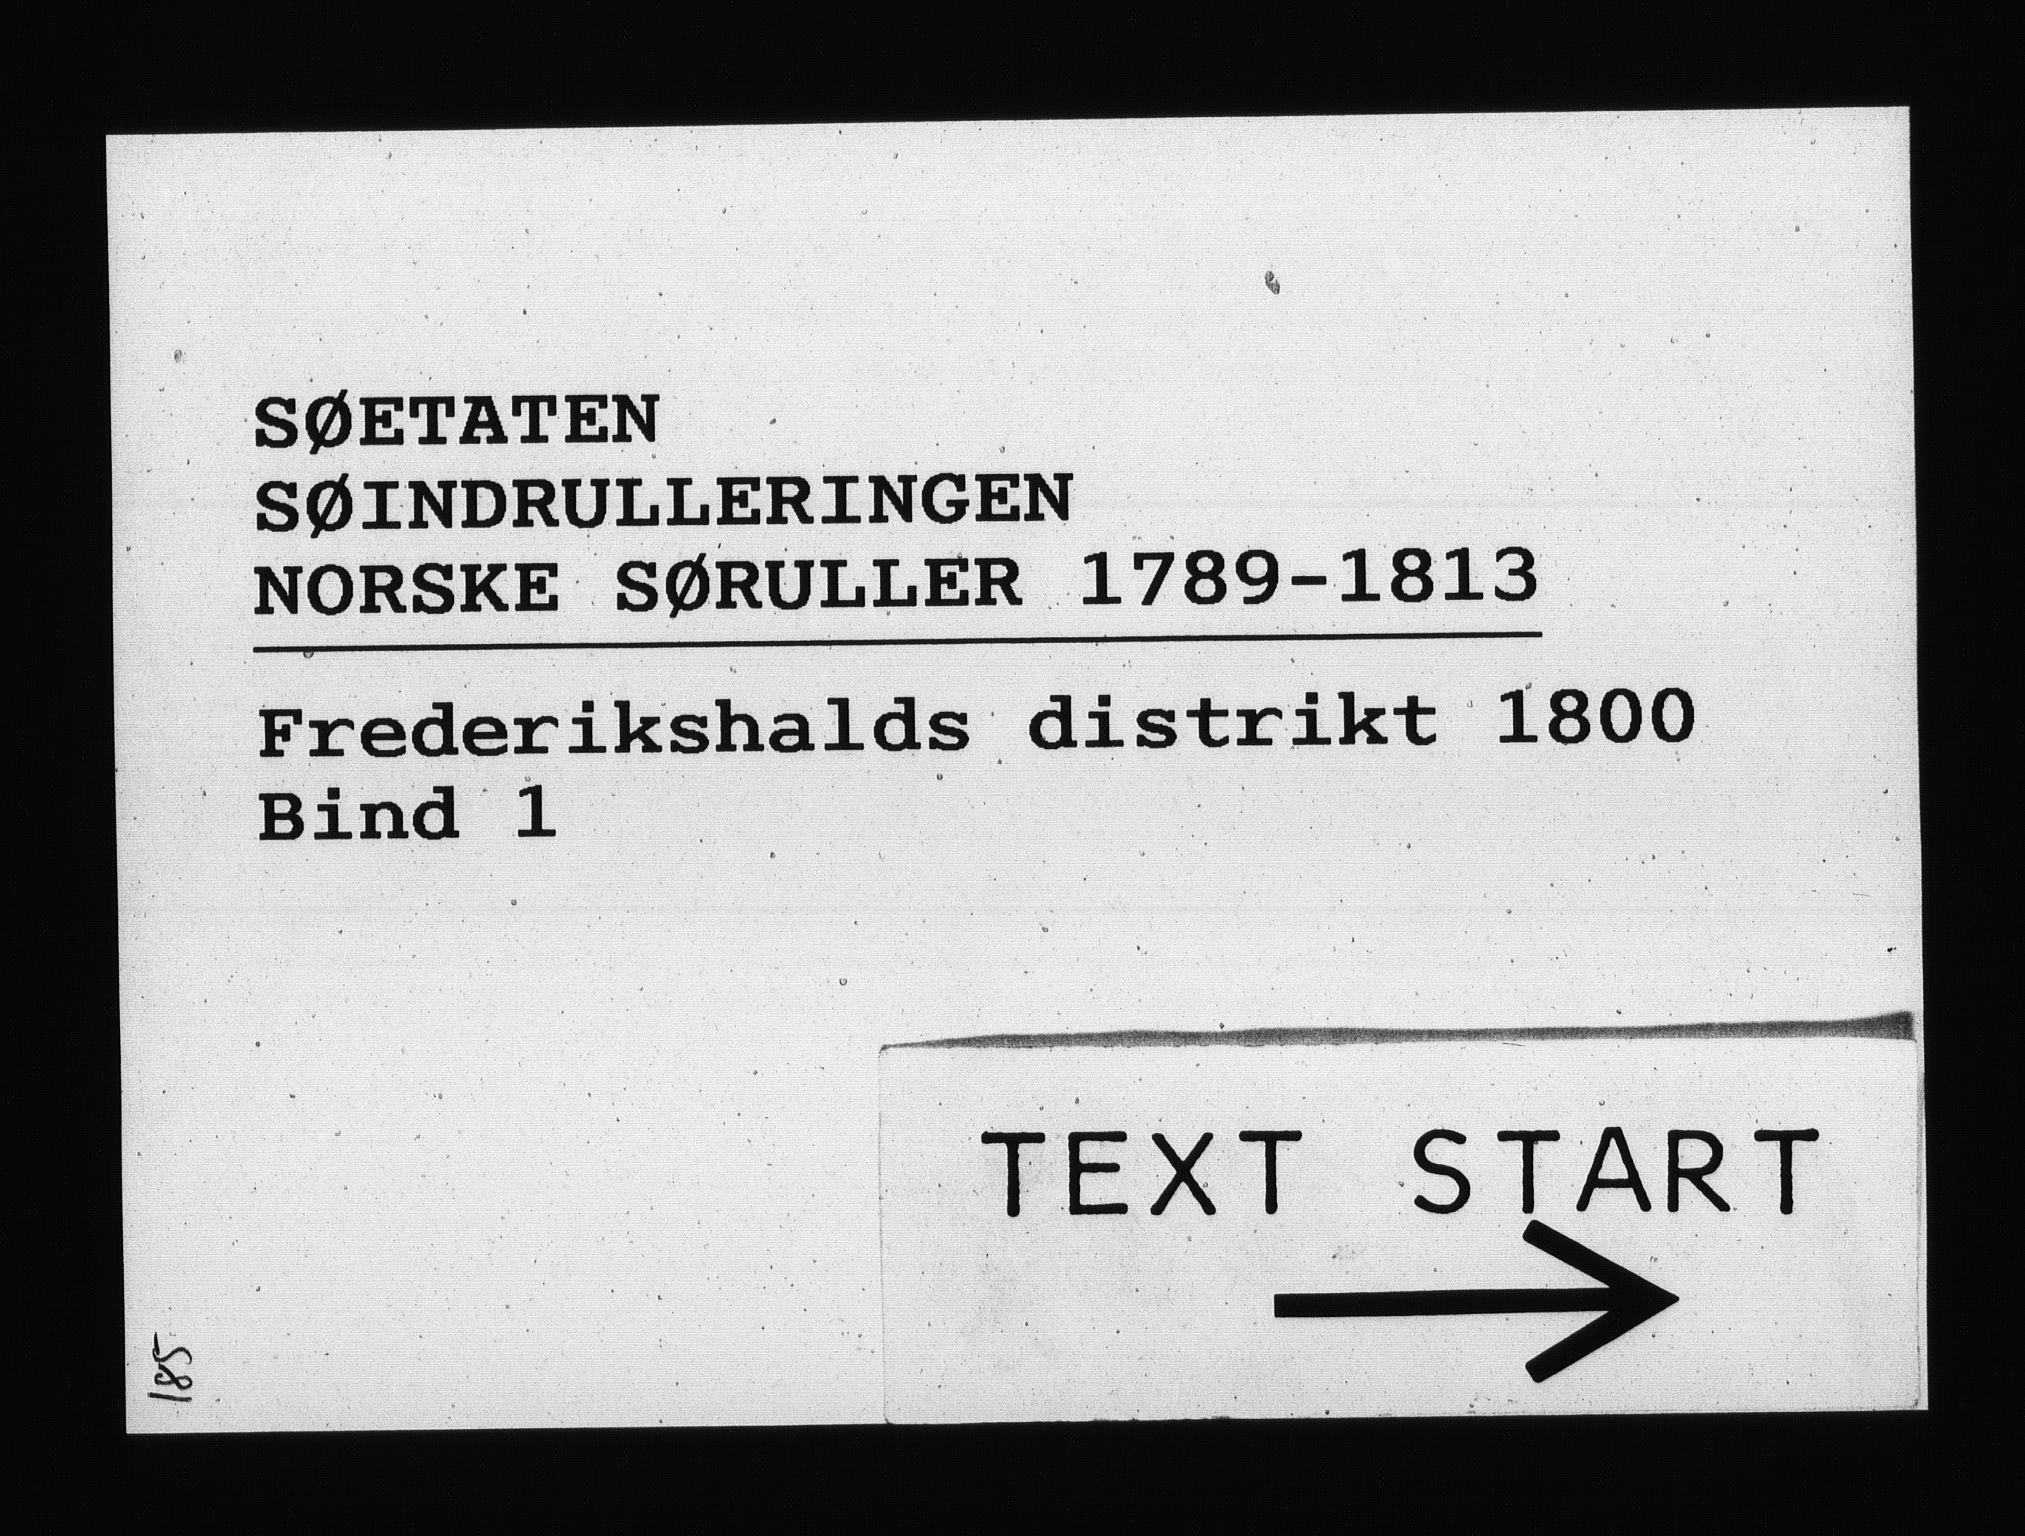 RA, Sjøetaten, F/L0186: Fredrikshalds distrikt, bind 1, 1800